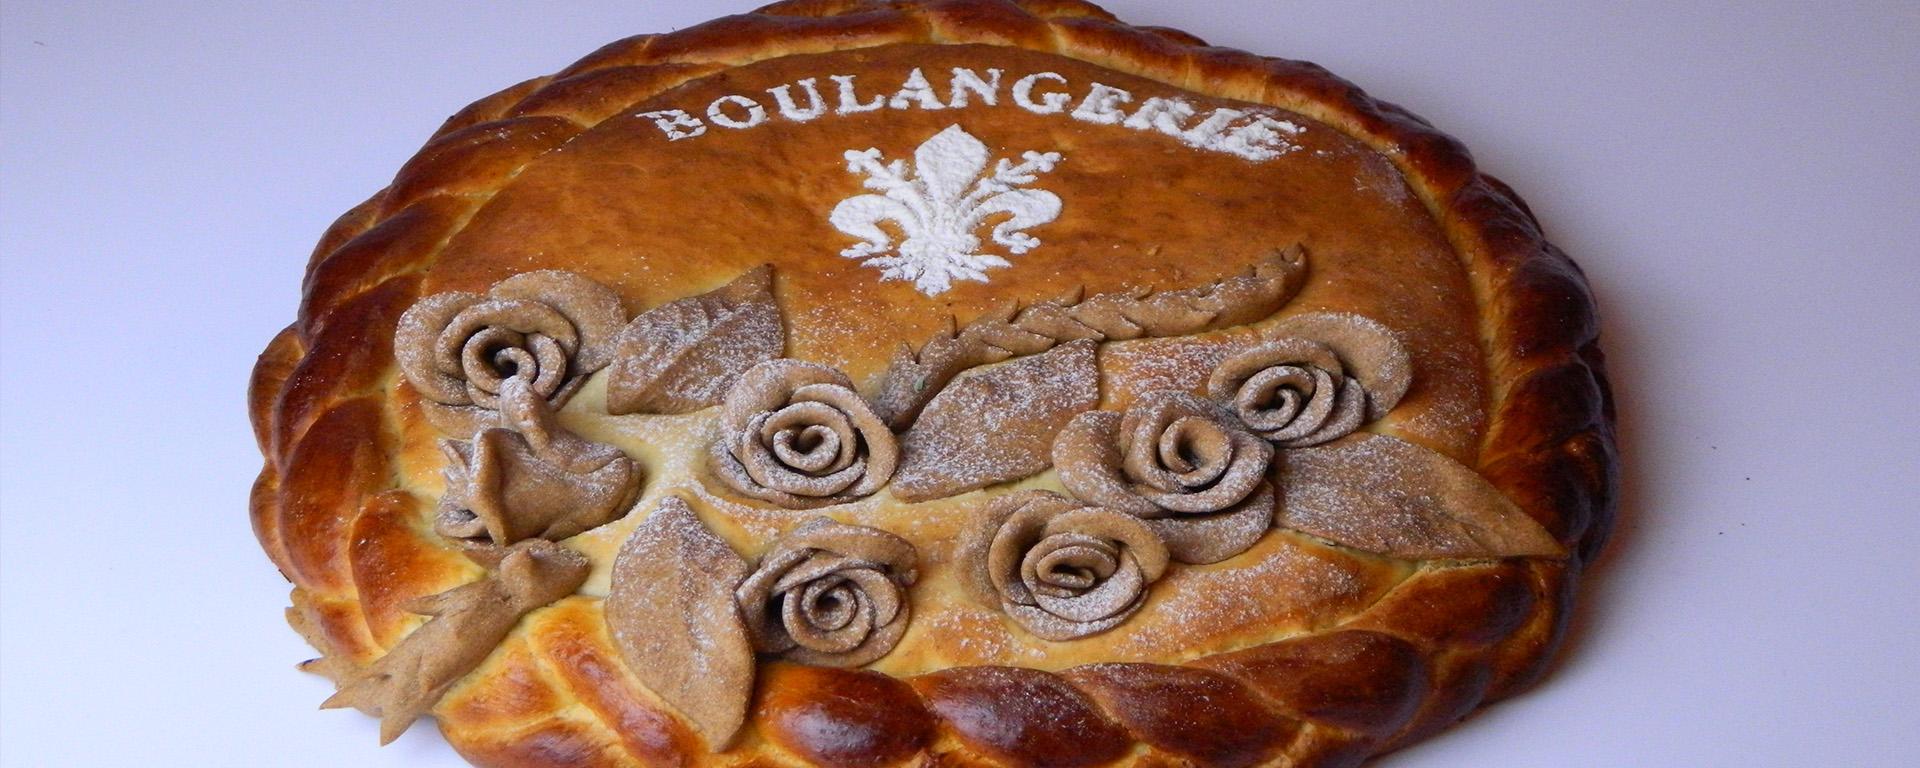 Escultura de pães